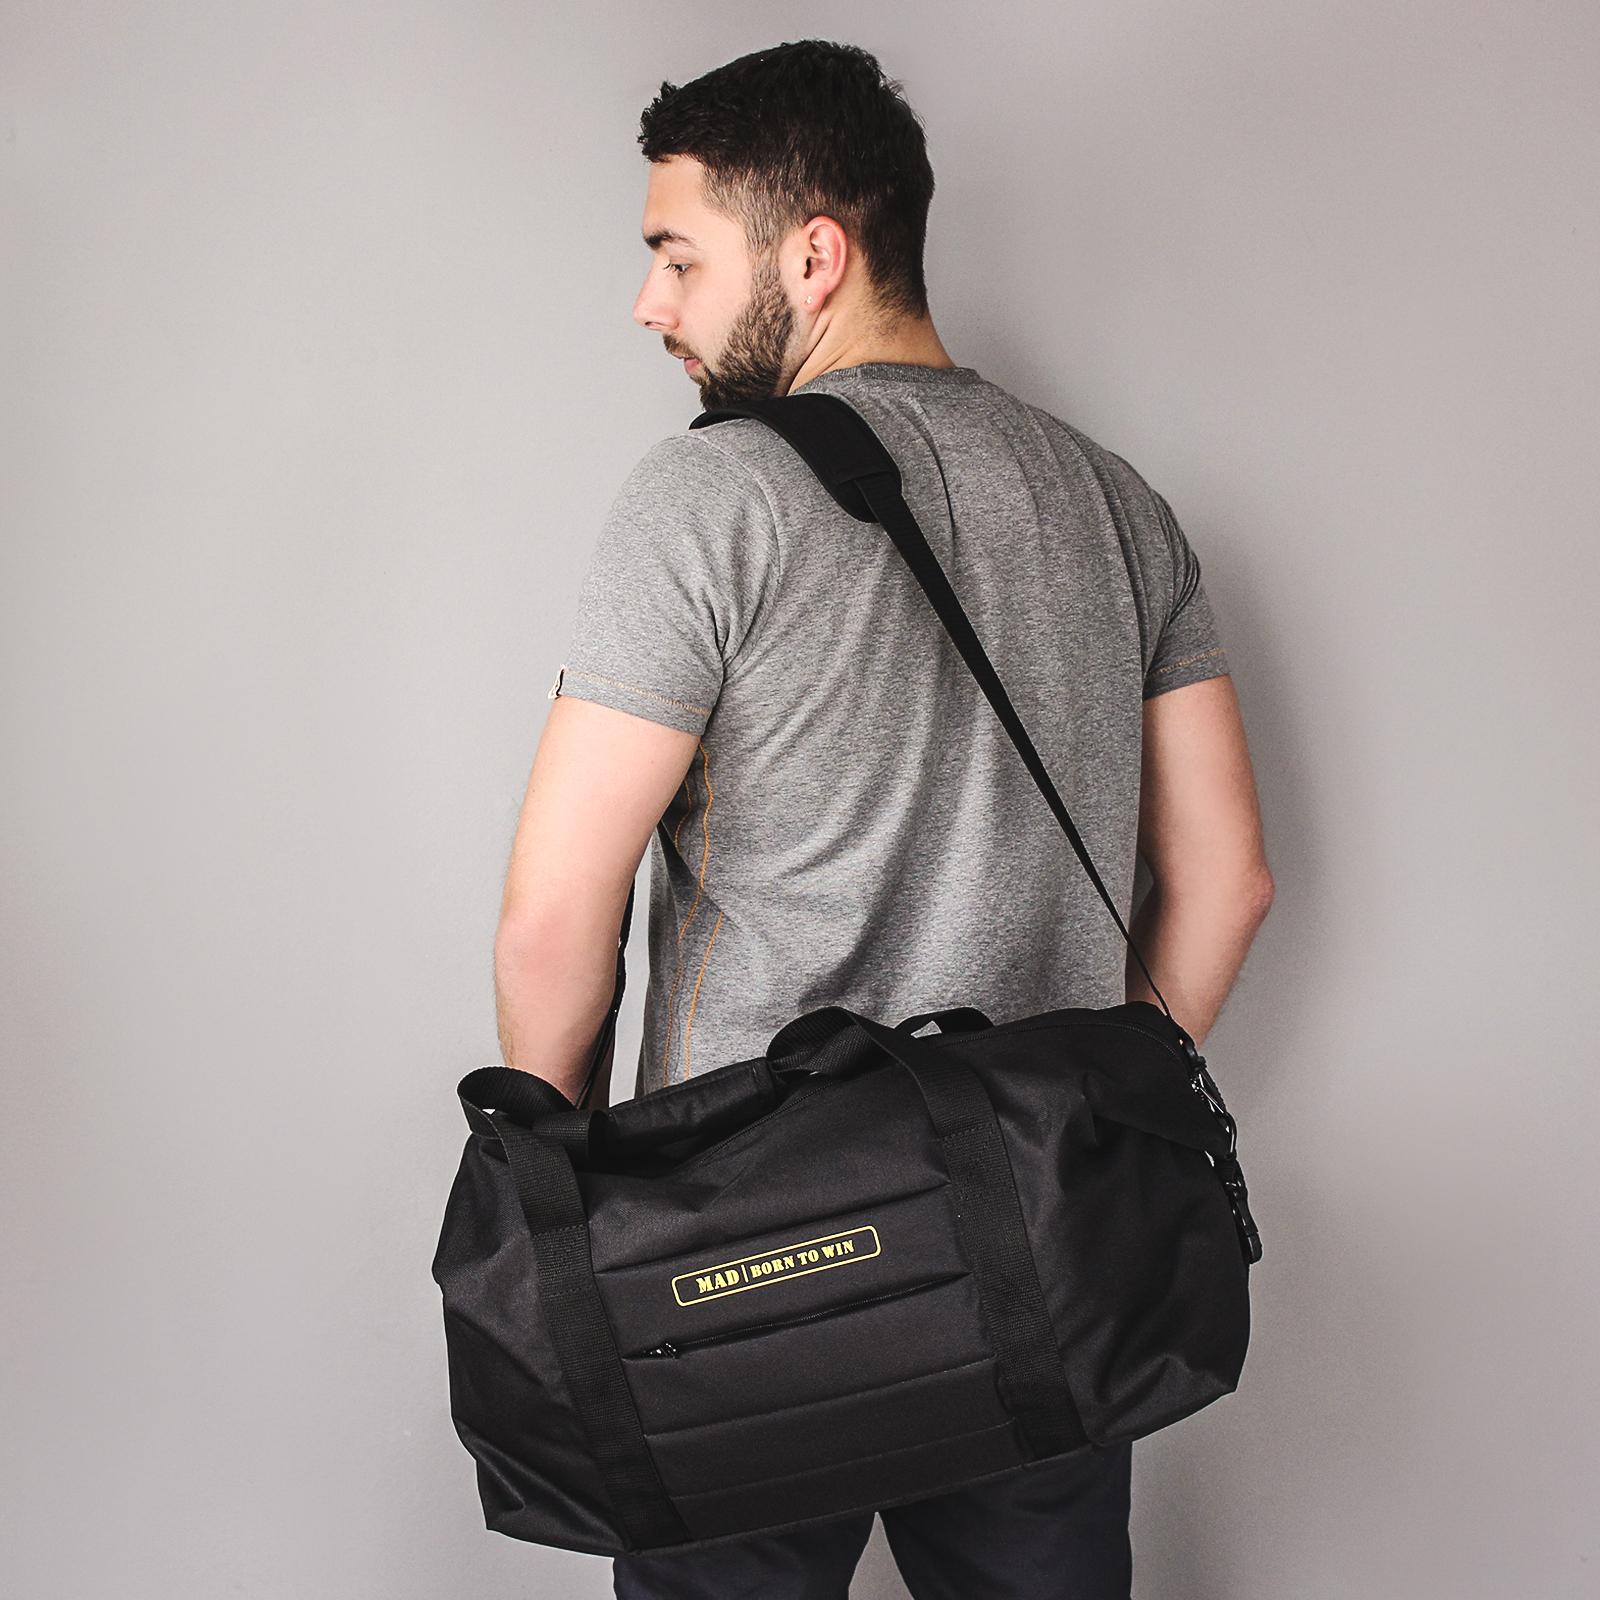 черная спортивная сумка, купить сумку спортивную мужскую, сумка спортивная, спортивная сумка мужская, спортивную сумку, сумки и рюкзаки,